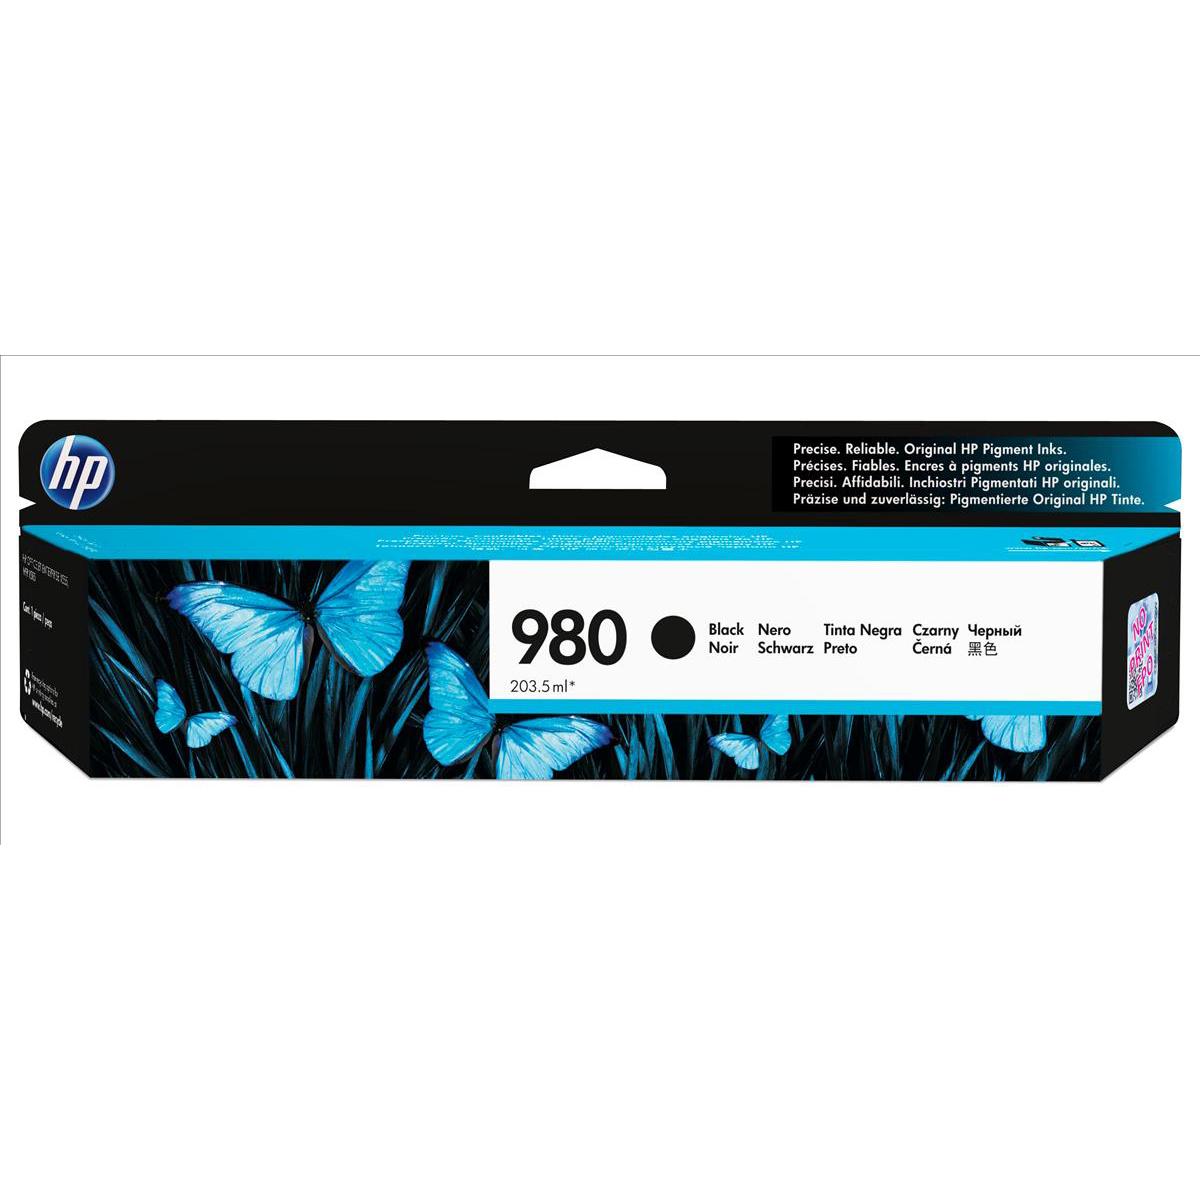 HP 980 Black Ink Cartridge D8J10A